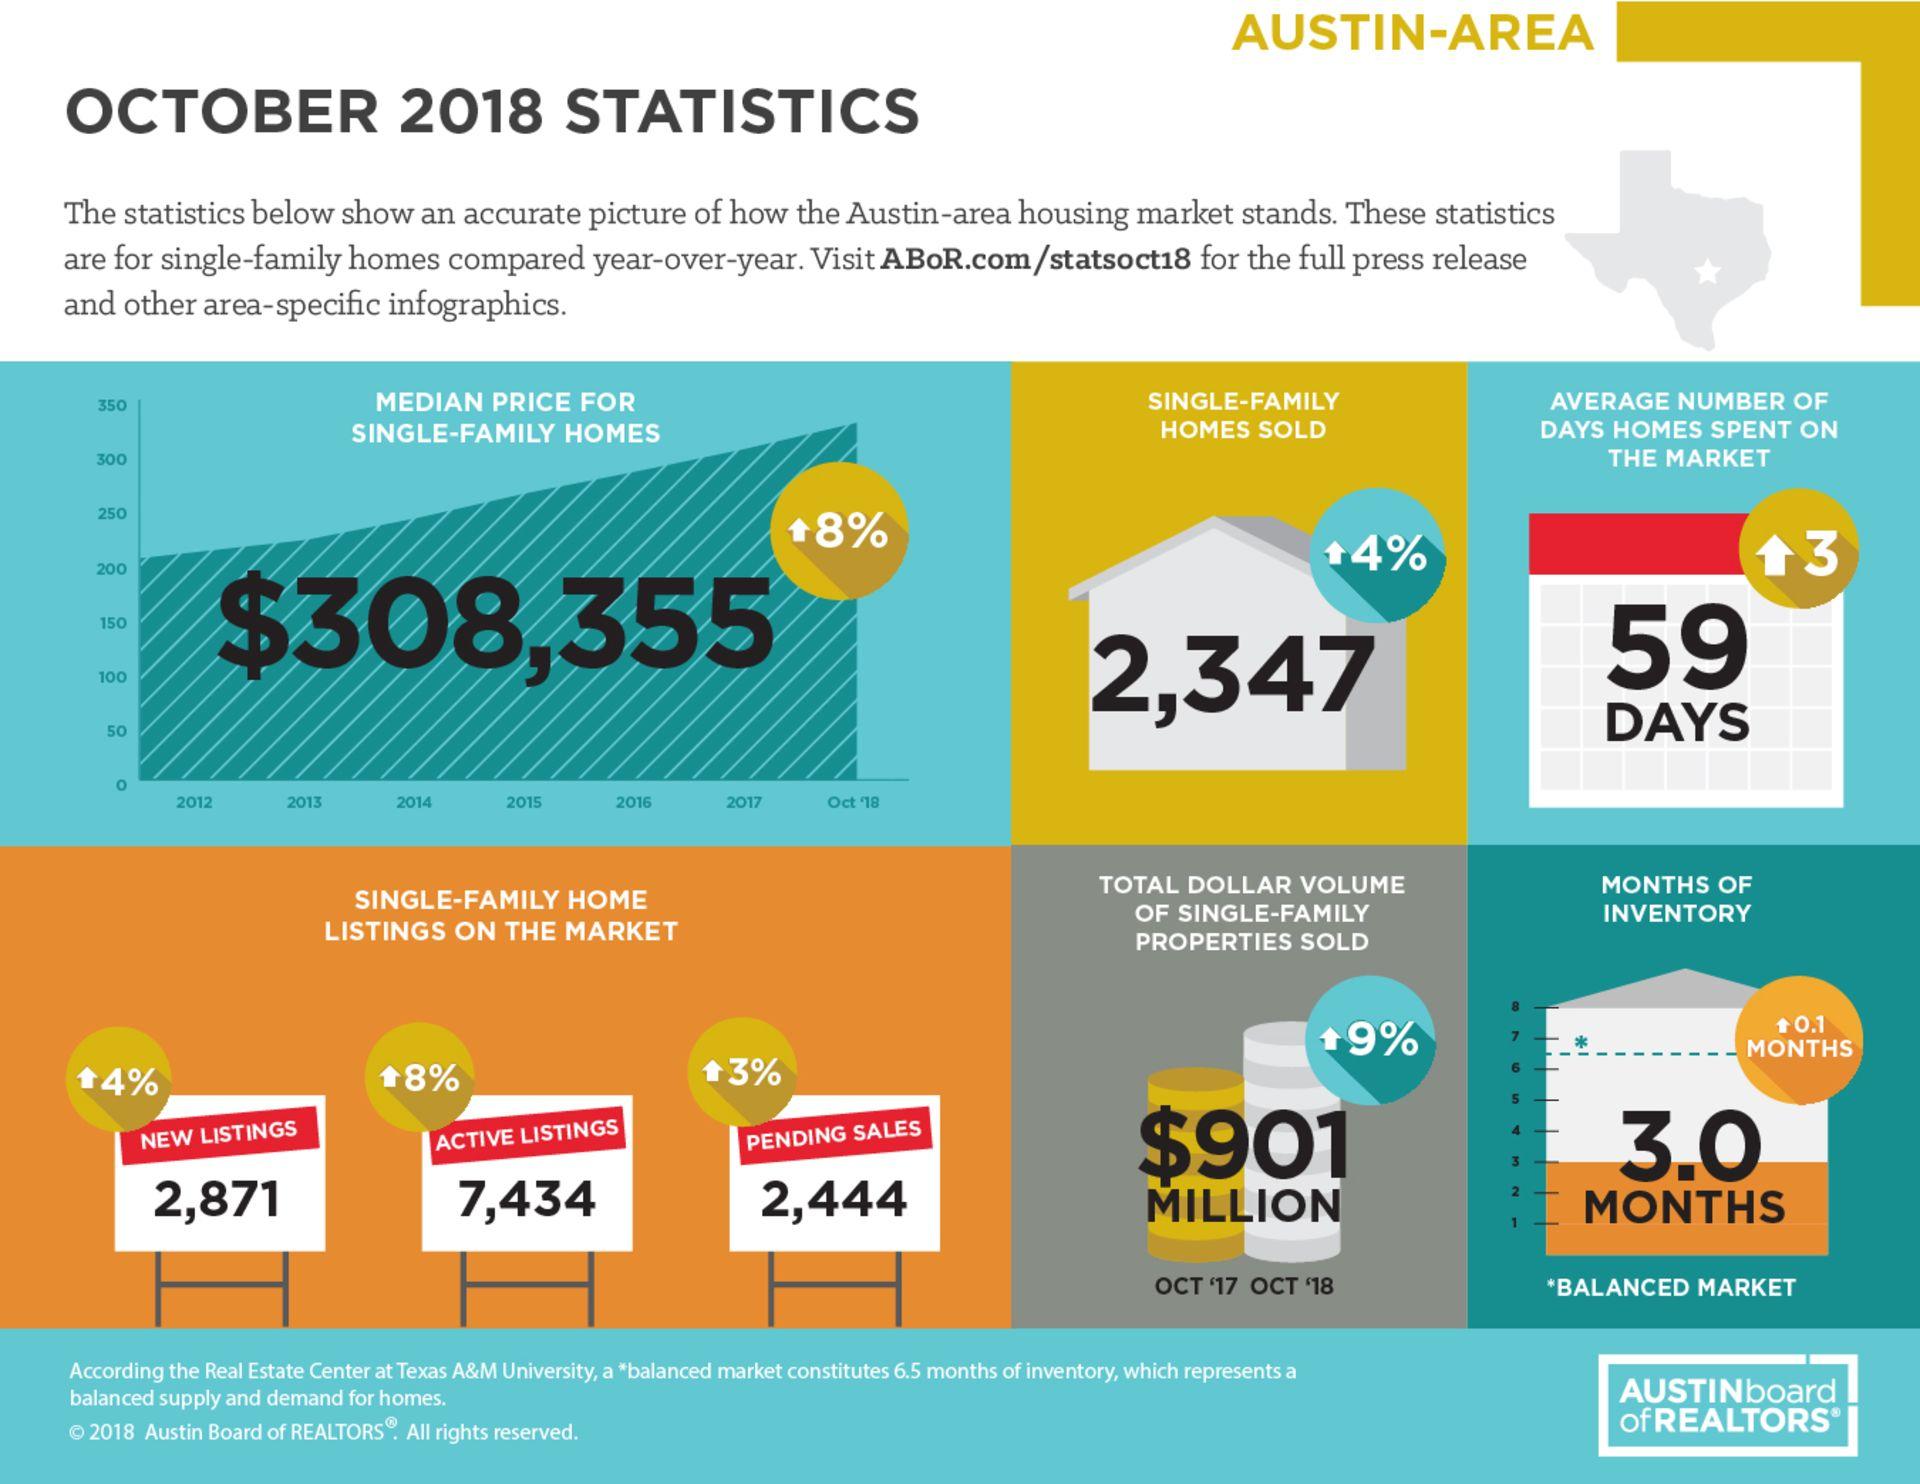 October 2018 Statistics